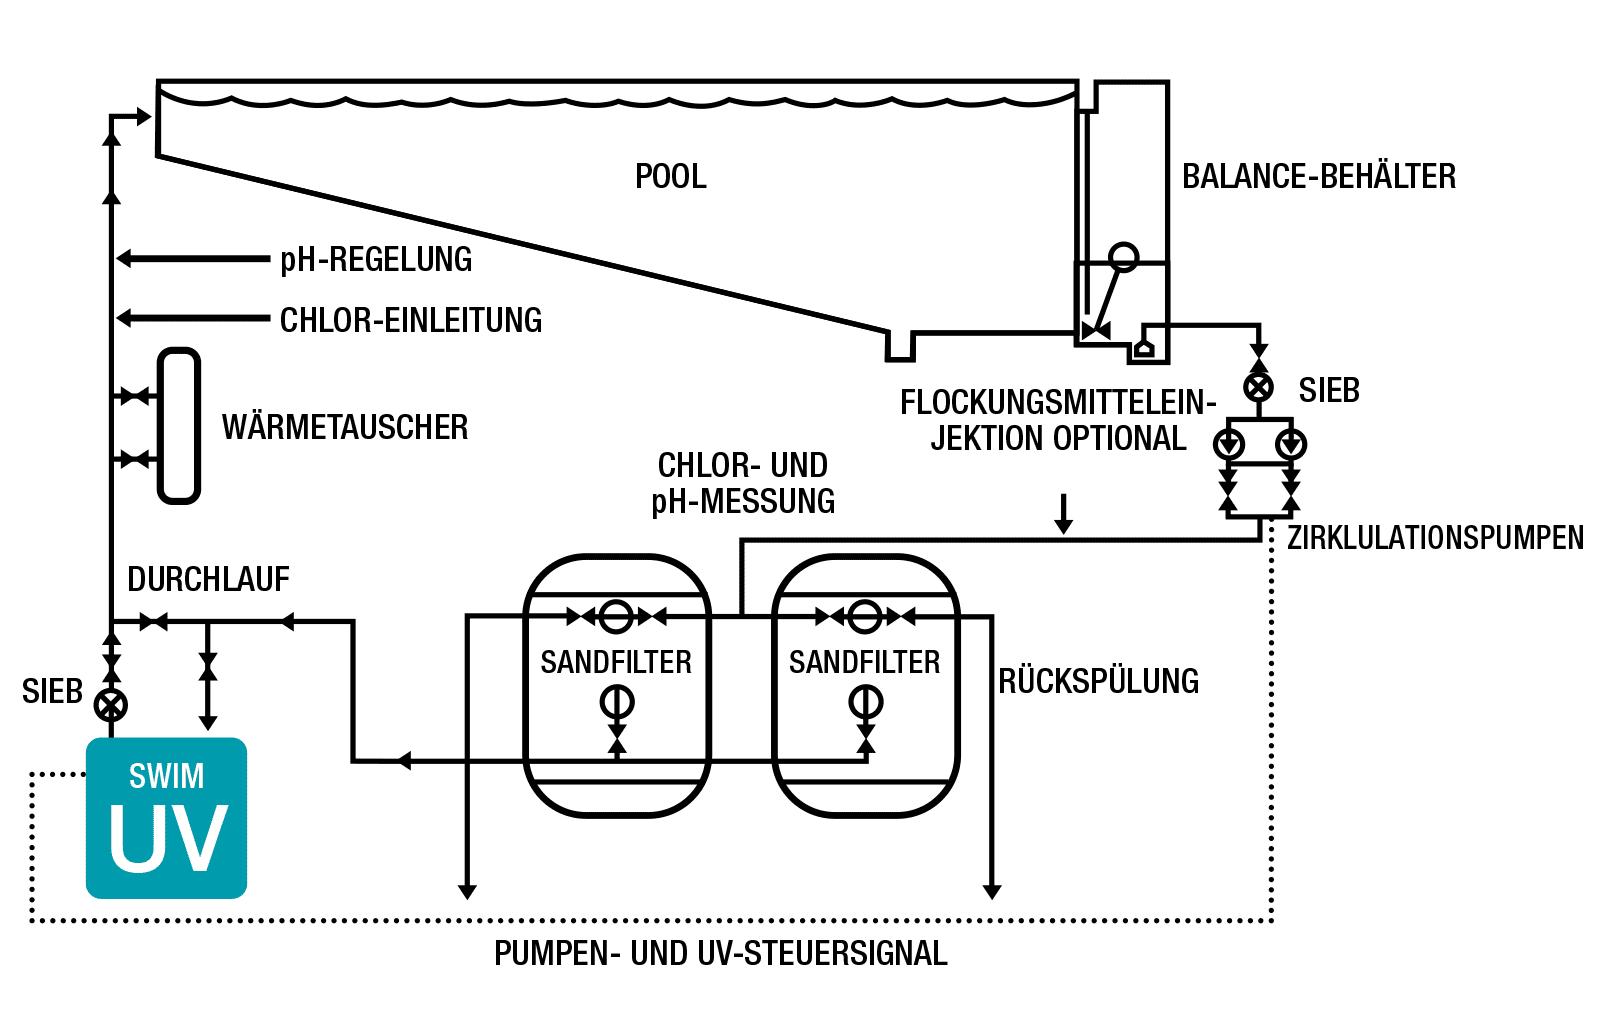 Mögliche Anordnung von UV-Systemen in einem typischen Poolwassersystem.